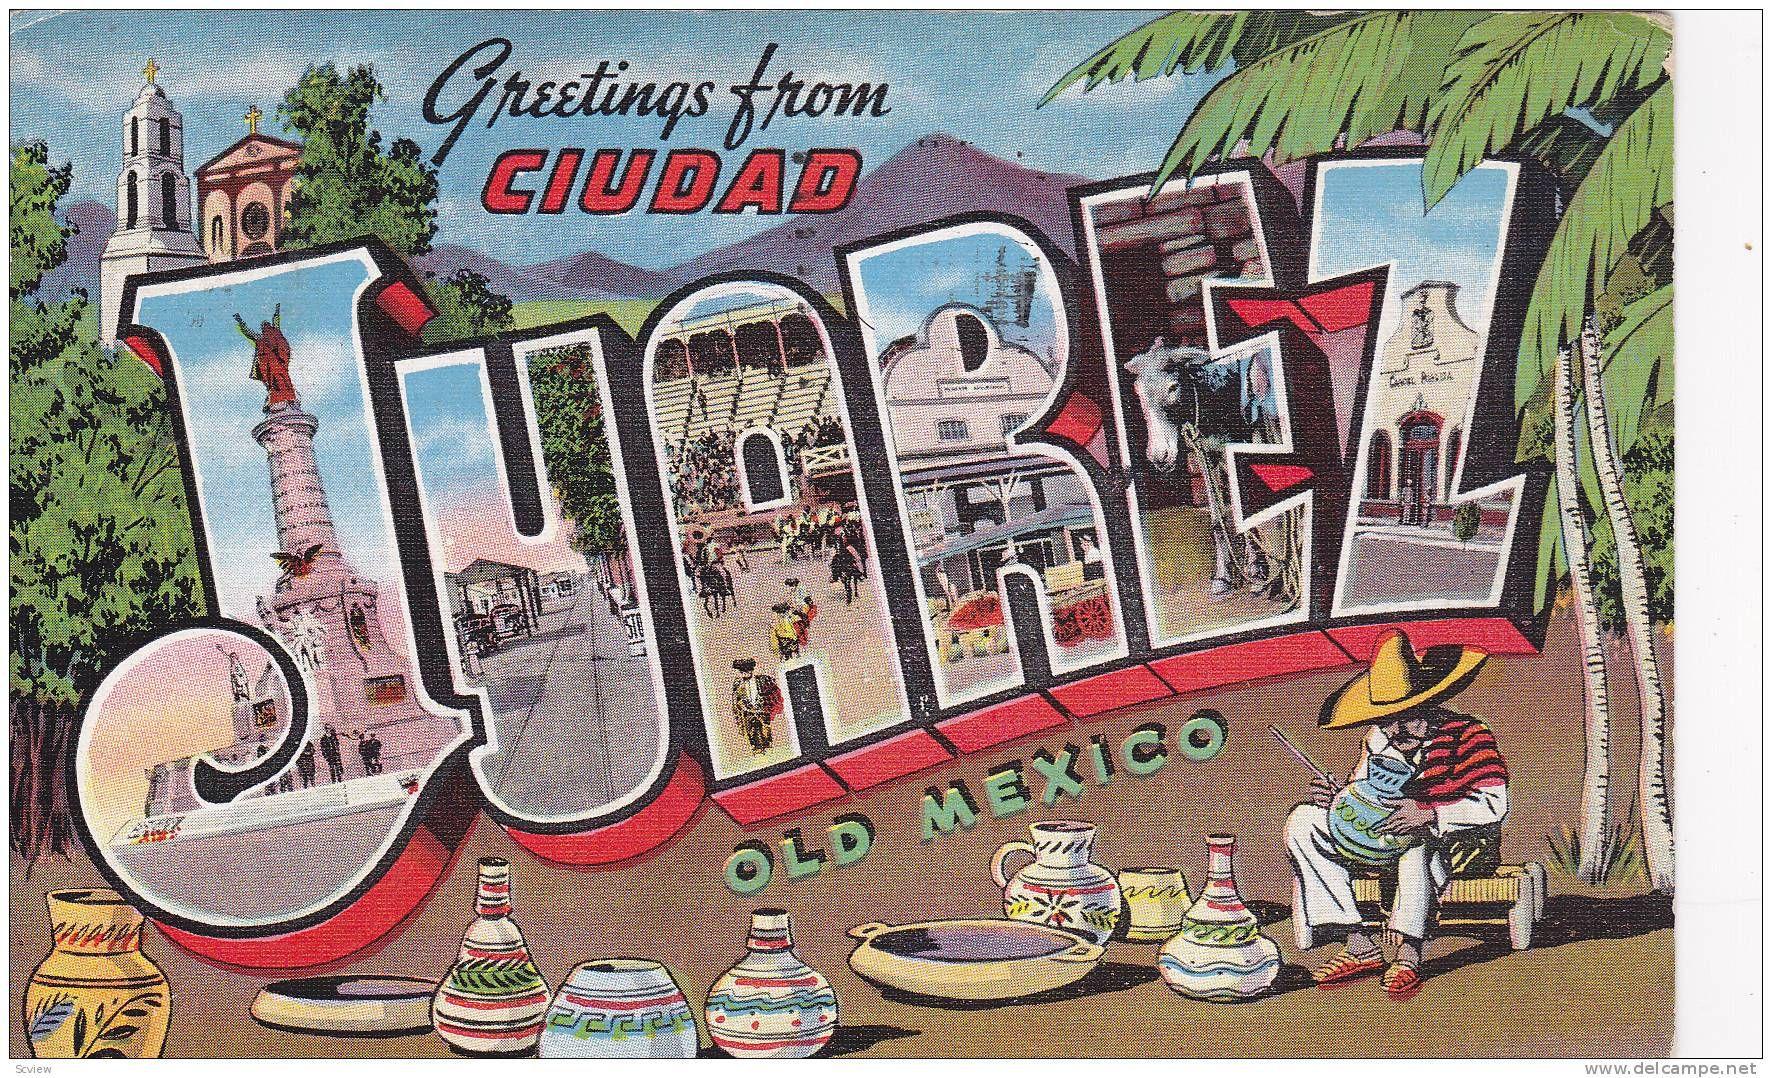 Скучаю открытка, открытка мексика цена